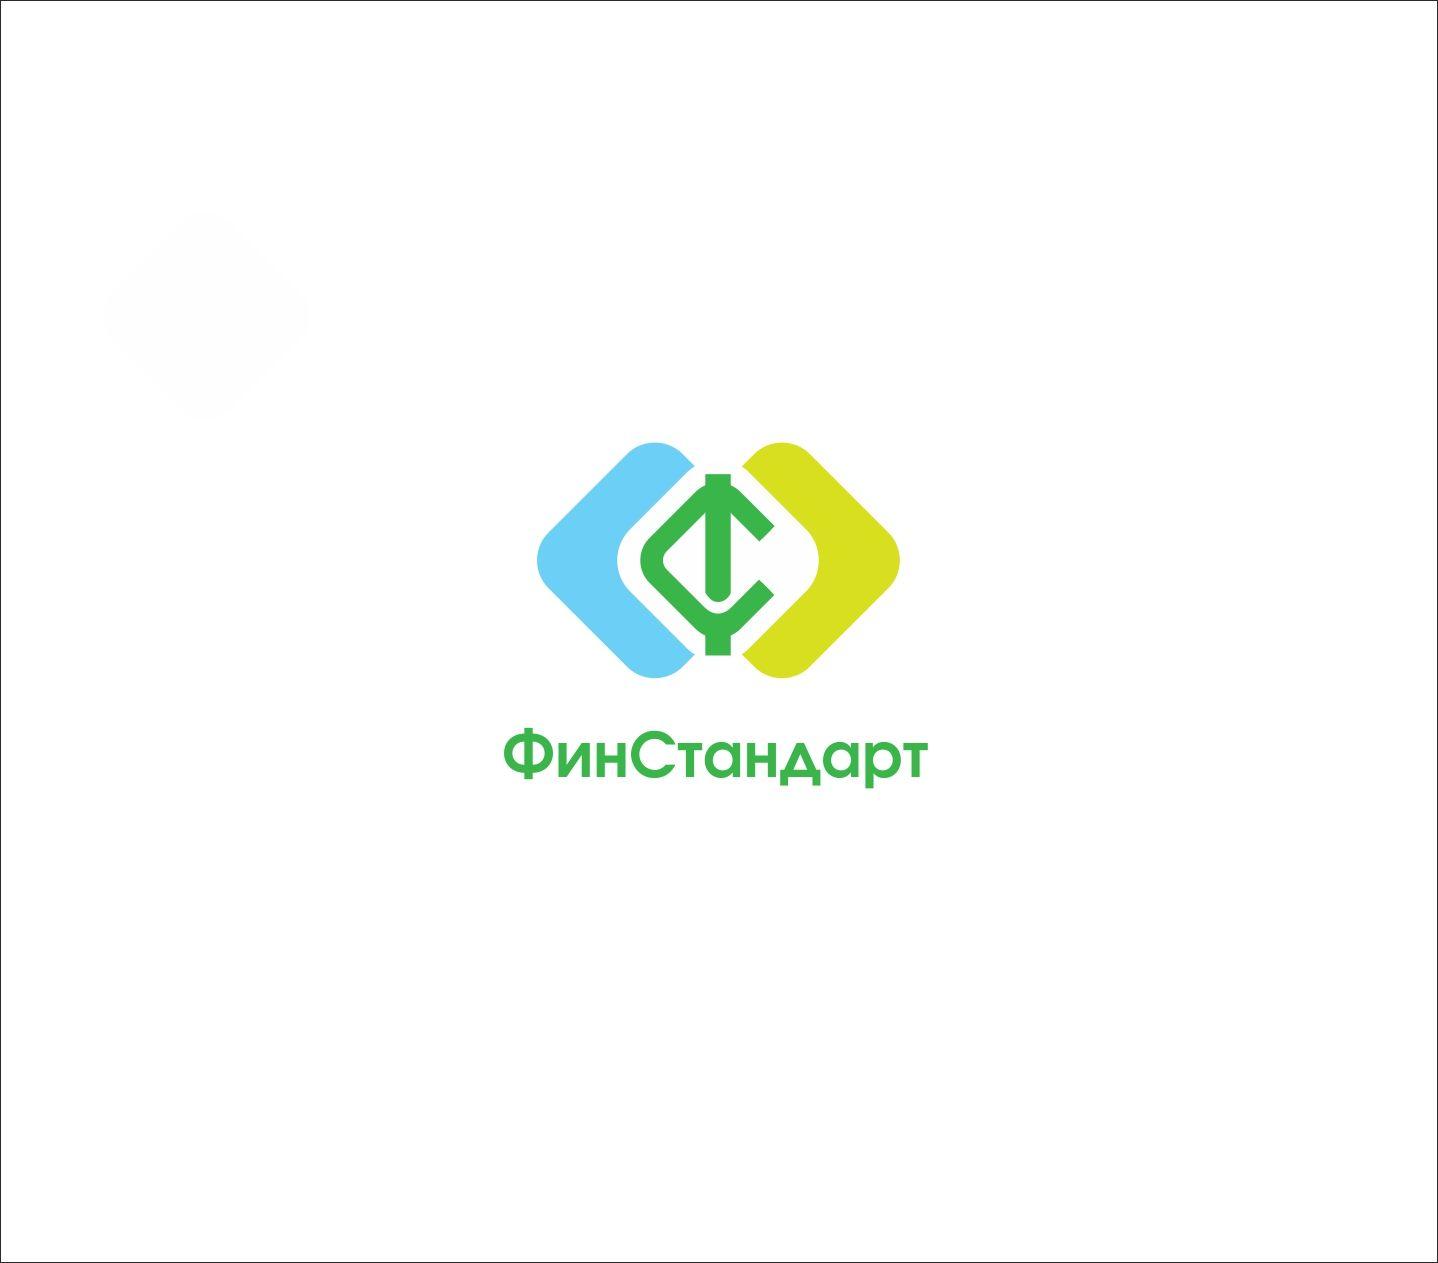 Лого и ФС для ФинСтандарт - дизайнер art-valeri